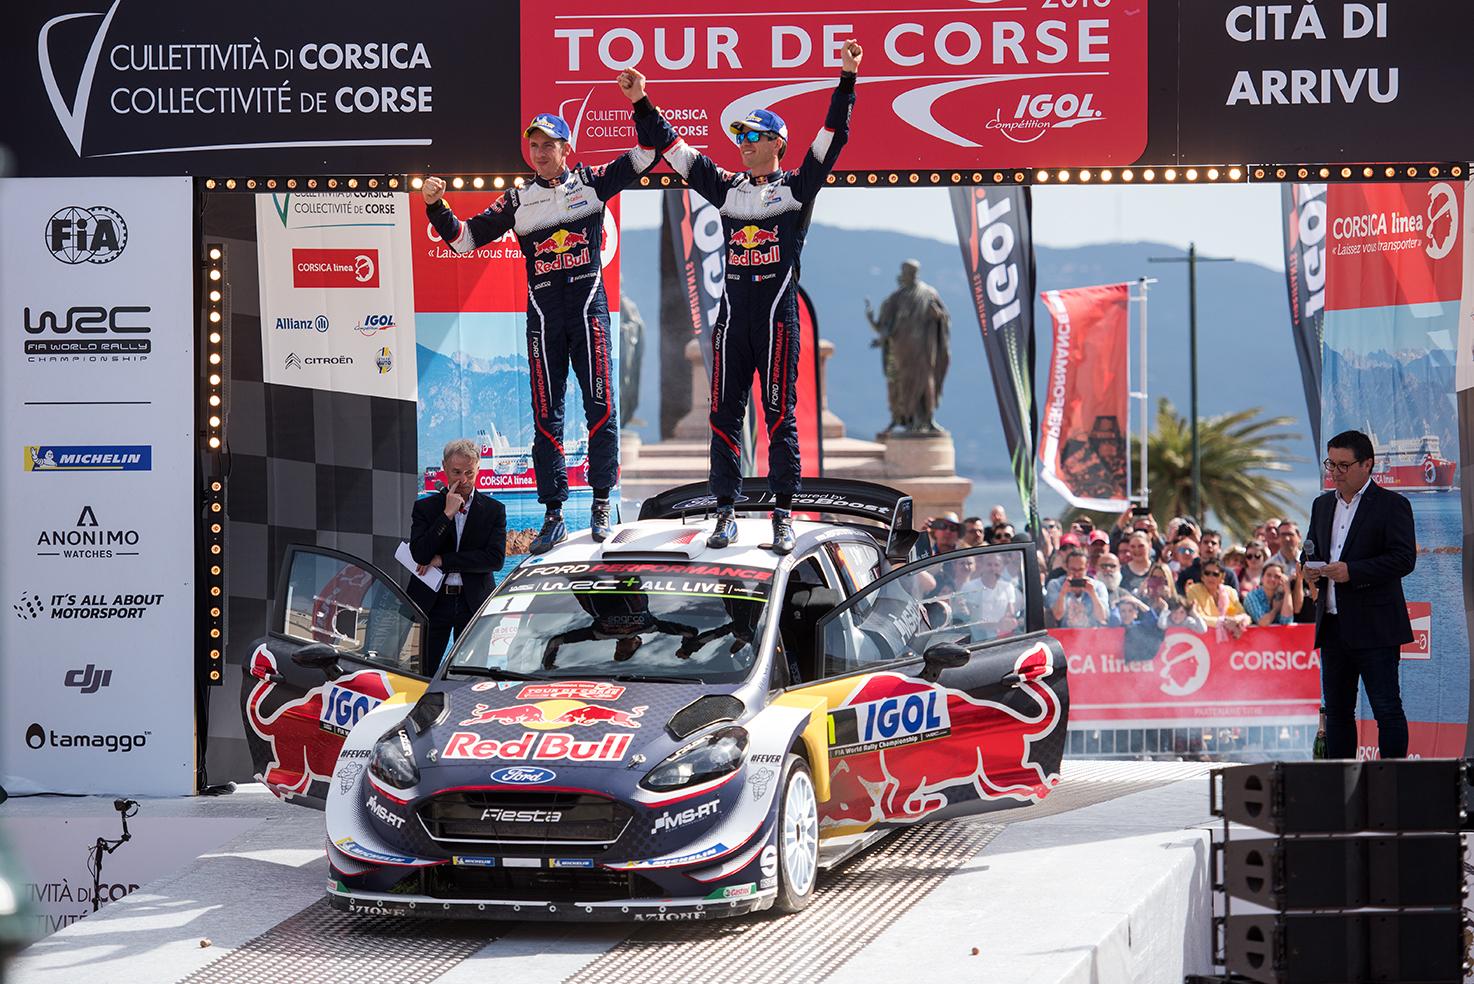 Retour en image sur l'arrivée du Corsica Linea Tour de Corse WRC 2018 à Ajaccio